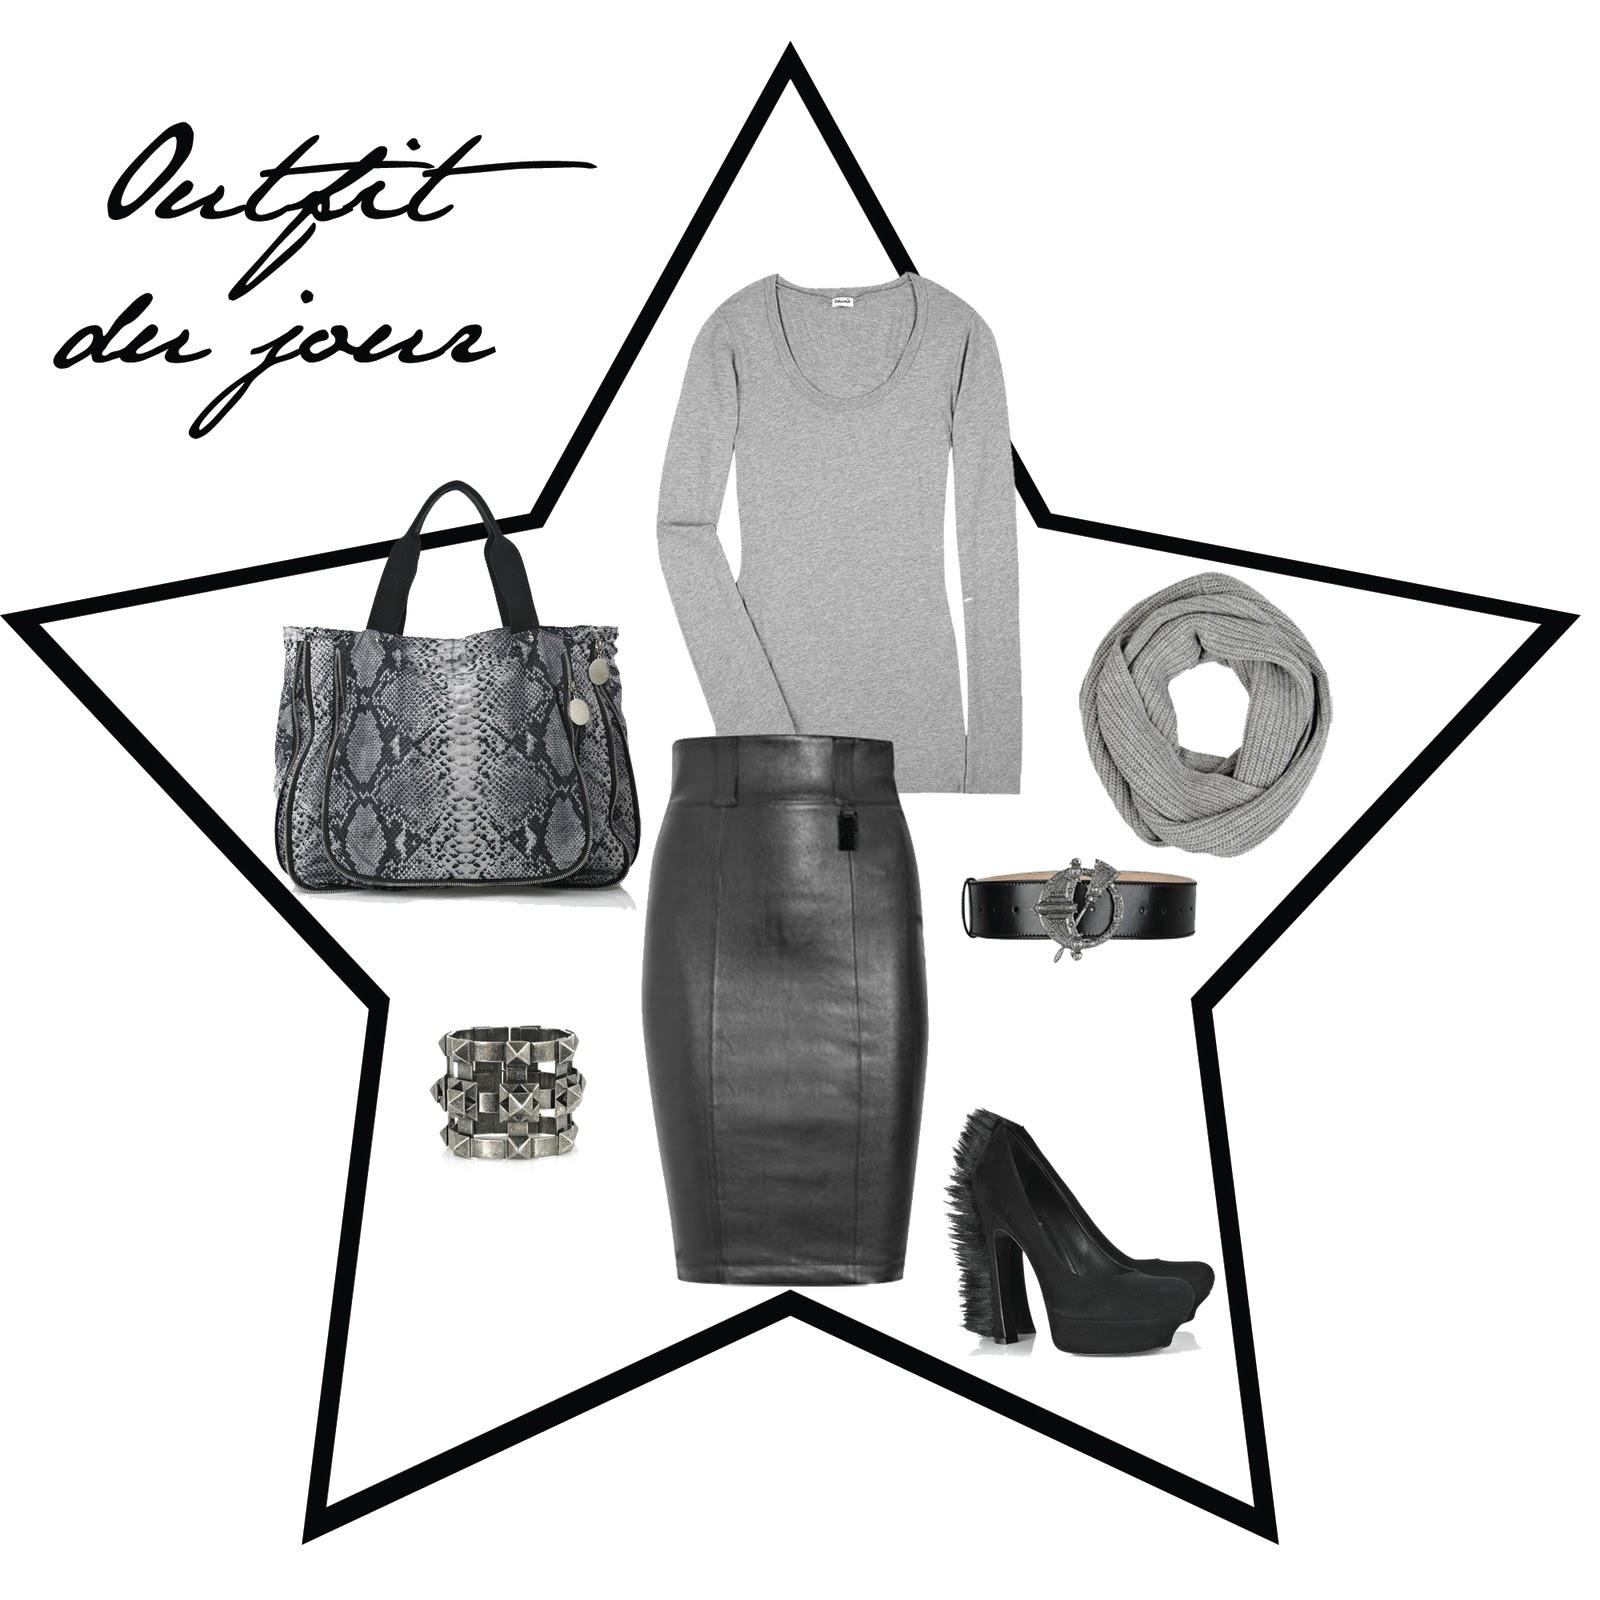 http://4.bp.blogspot.com/_NuQ1asHchXU/TLUDY4ShQuI/AAAAAAAANb0/VTgDzP7R0Ww/s1600/outfit.jpg